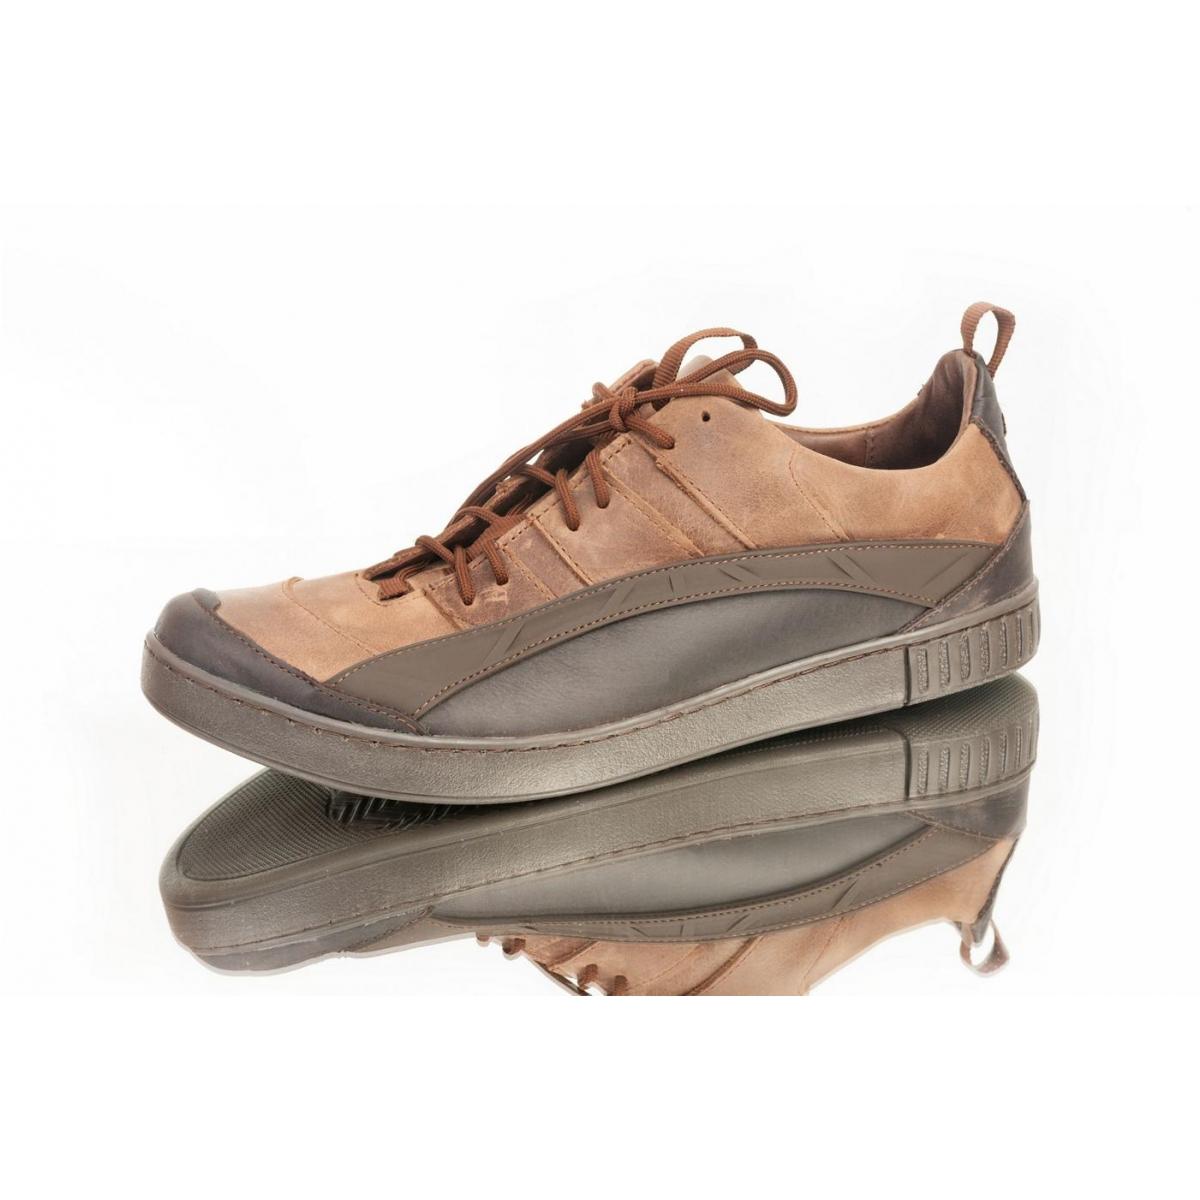 4d68ae21ba56 Pánske svetlohnedé topánky ELIAS - 2